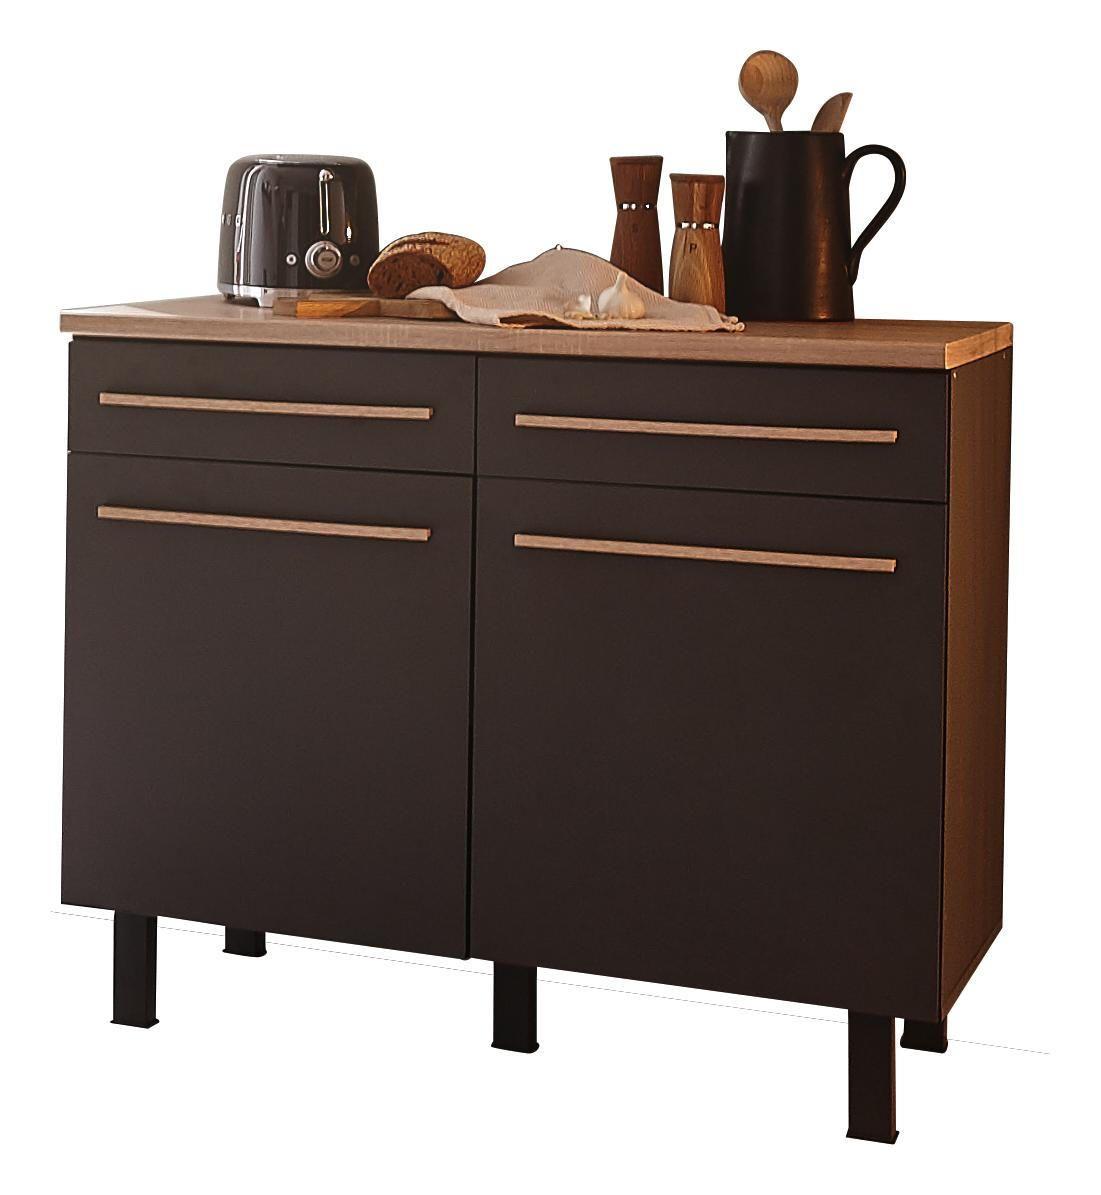 Kuchenunterschrank In Grau Und Eichefarben Fur Eine Moderne Kochoase Kuchenunterschrank Kaffee Bar Schrank